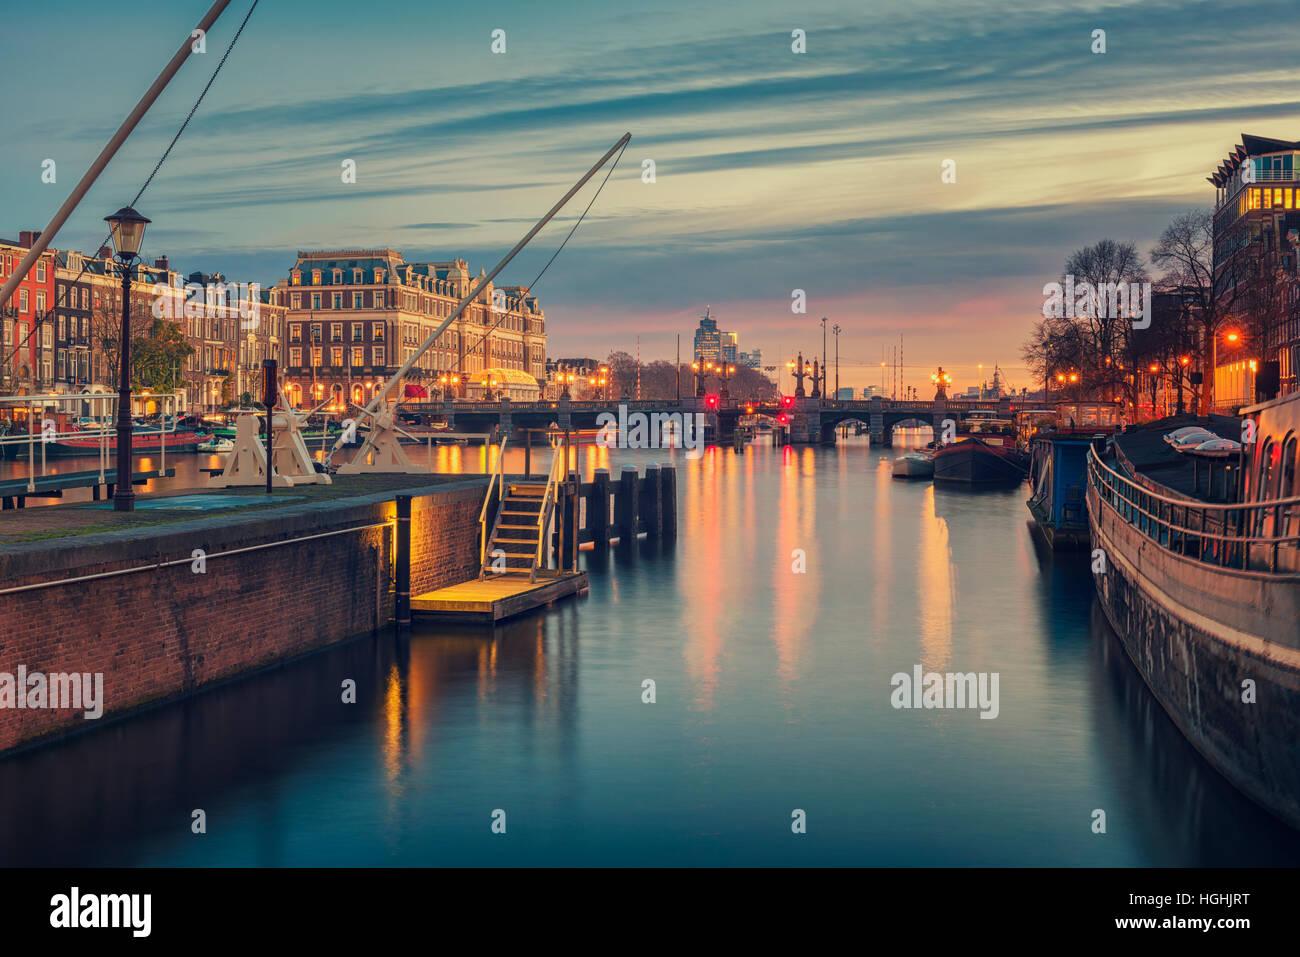 Río Amstel y alrededores en Amsterdam, Países Bajos Imagen De Stock